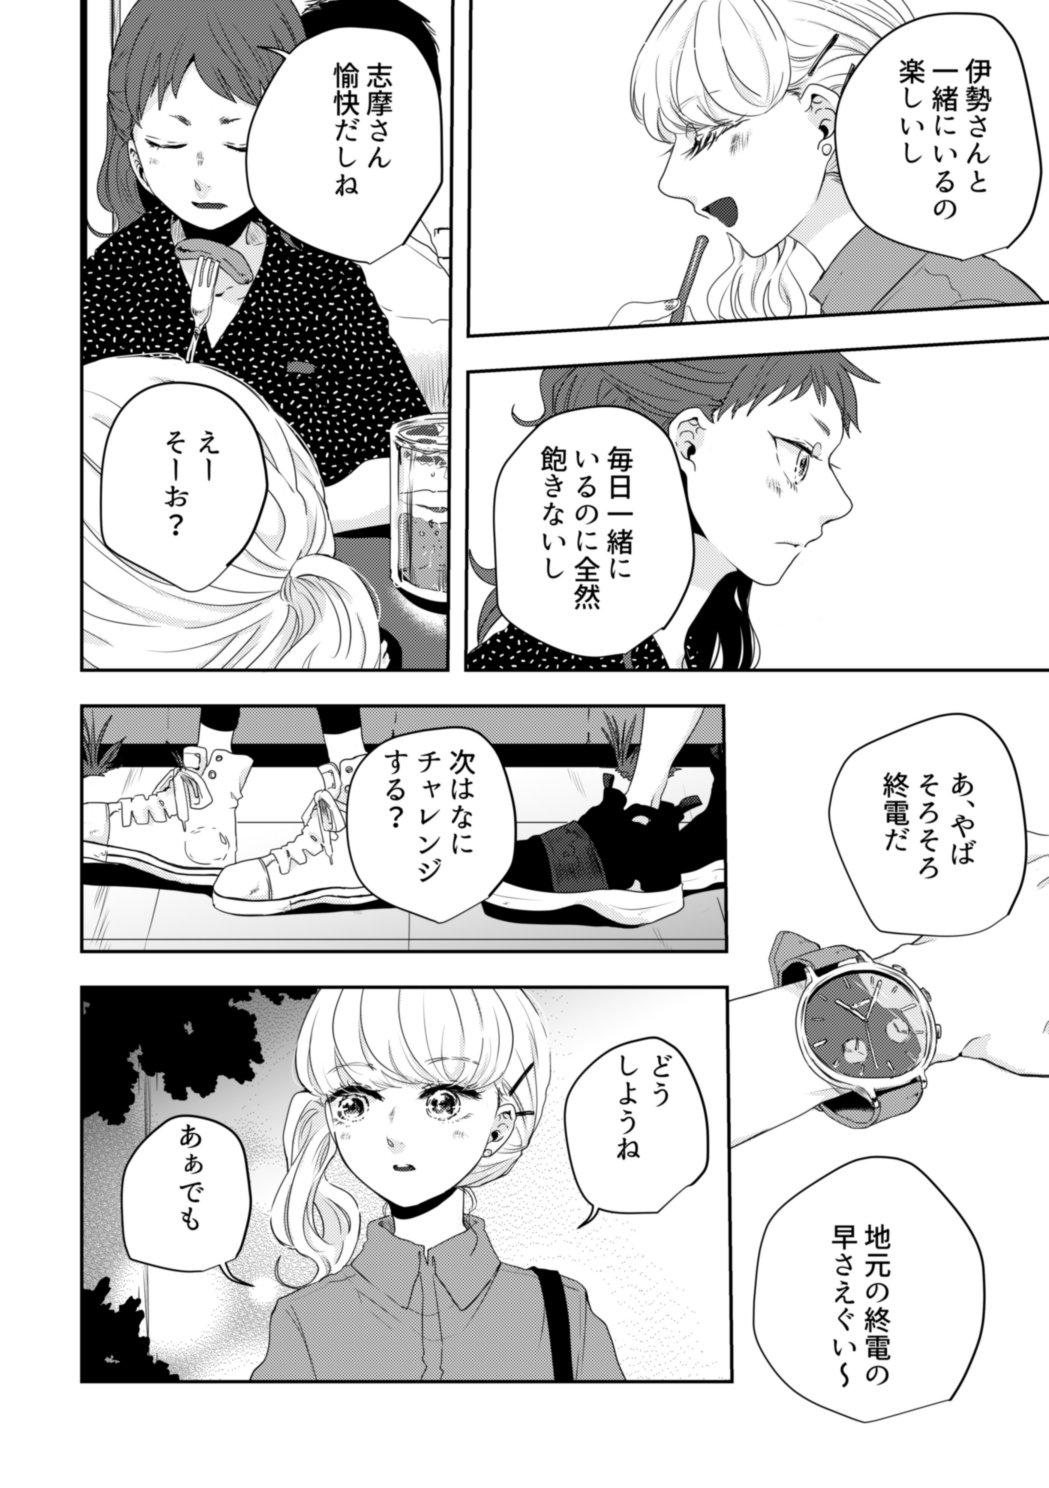 志摩 と さん さん 伊勢